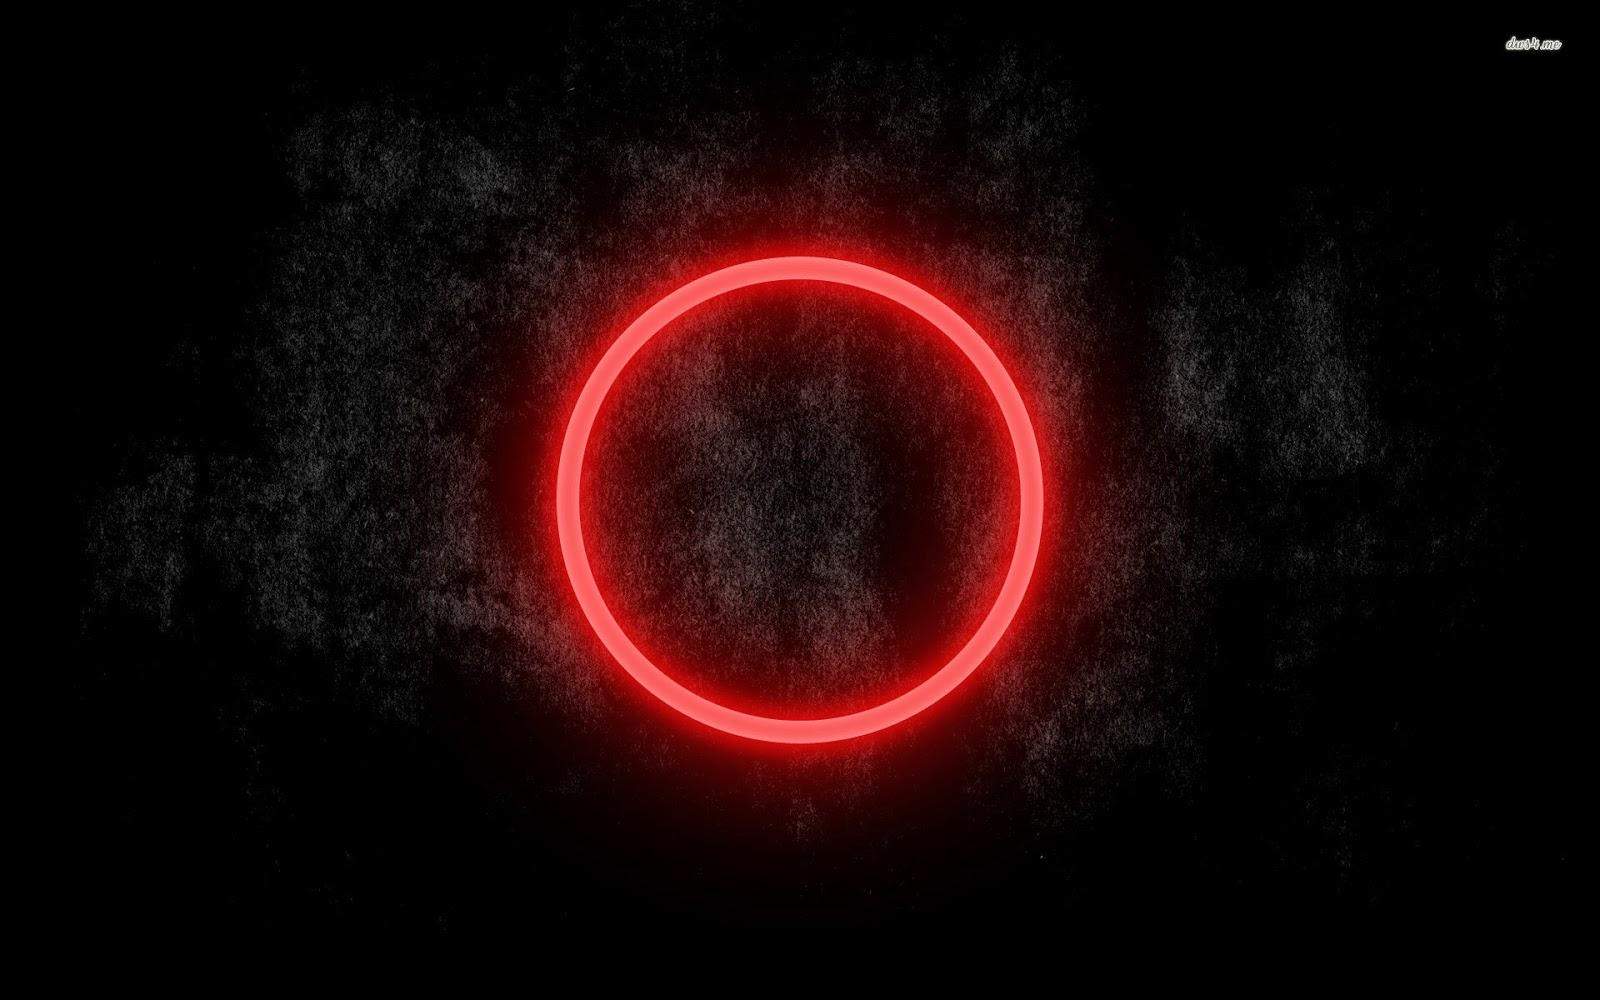 Hd Neon Glowing Wallpapers - Darkness - HD Wallpaper